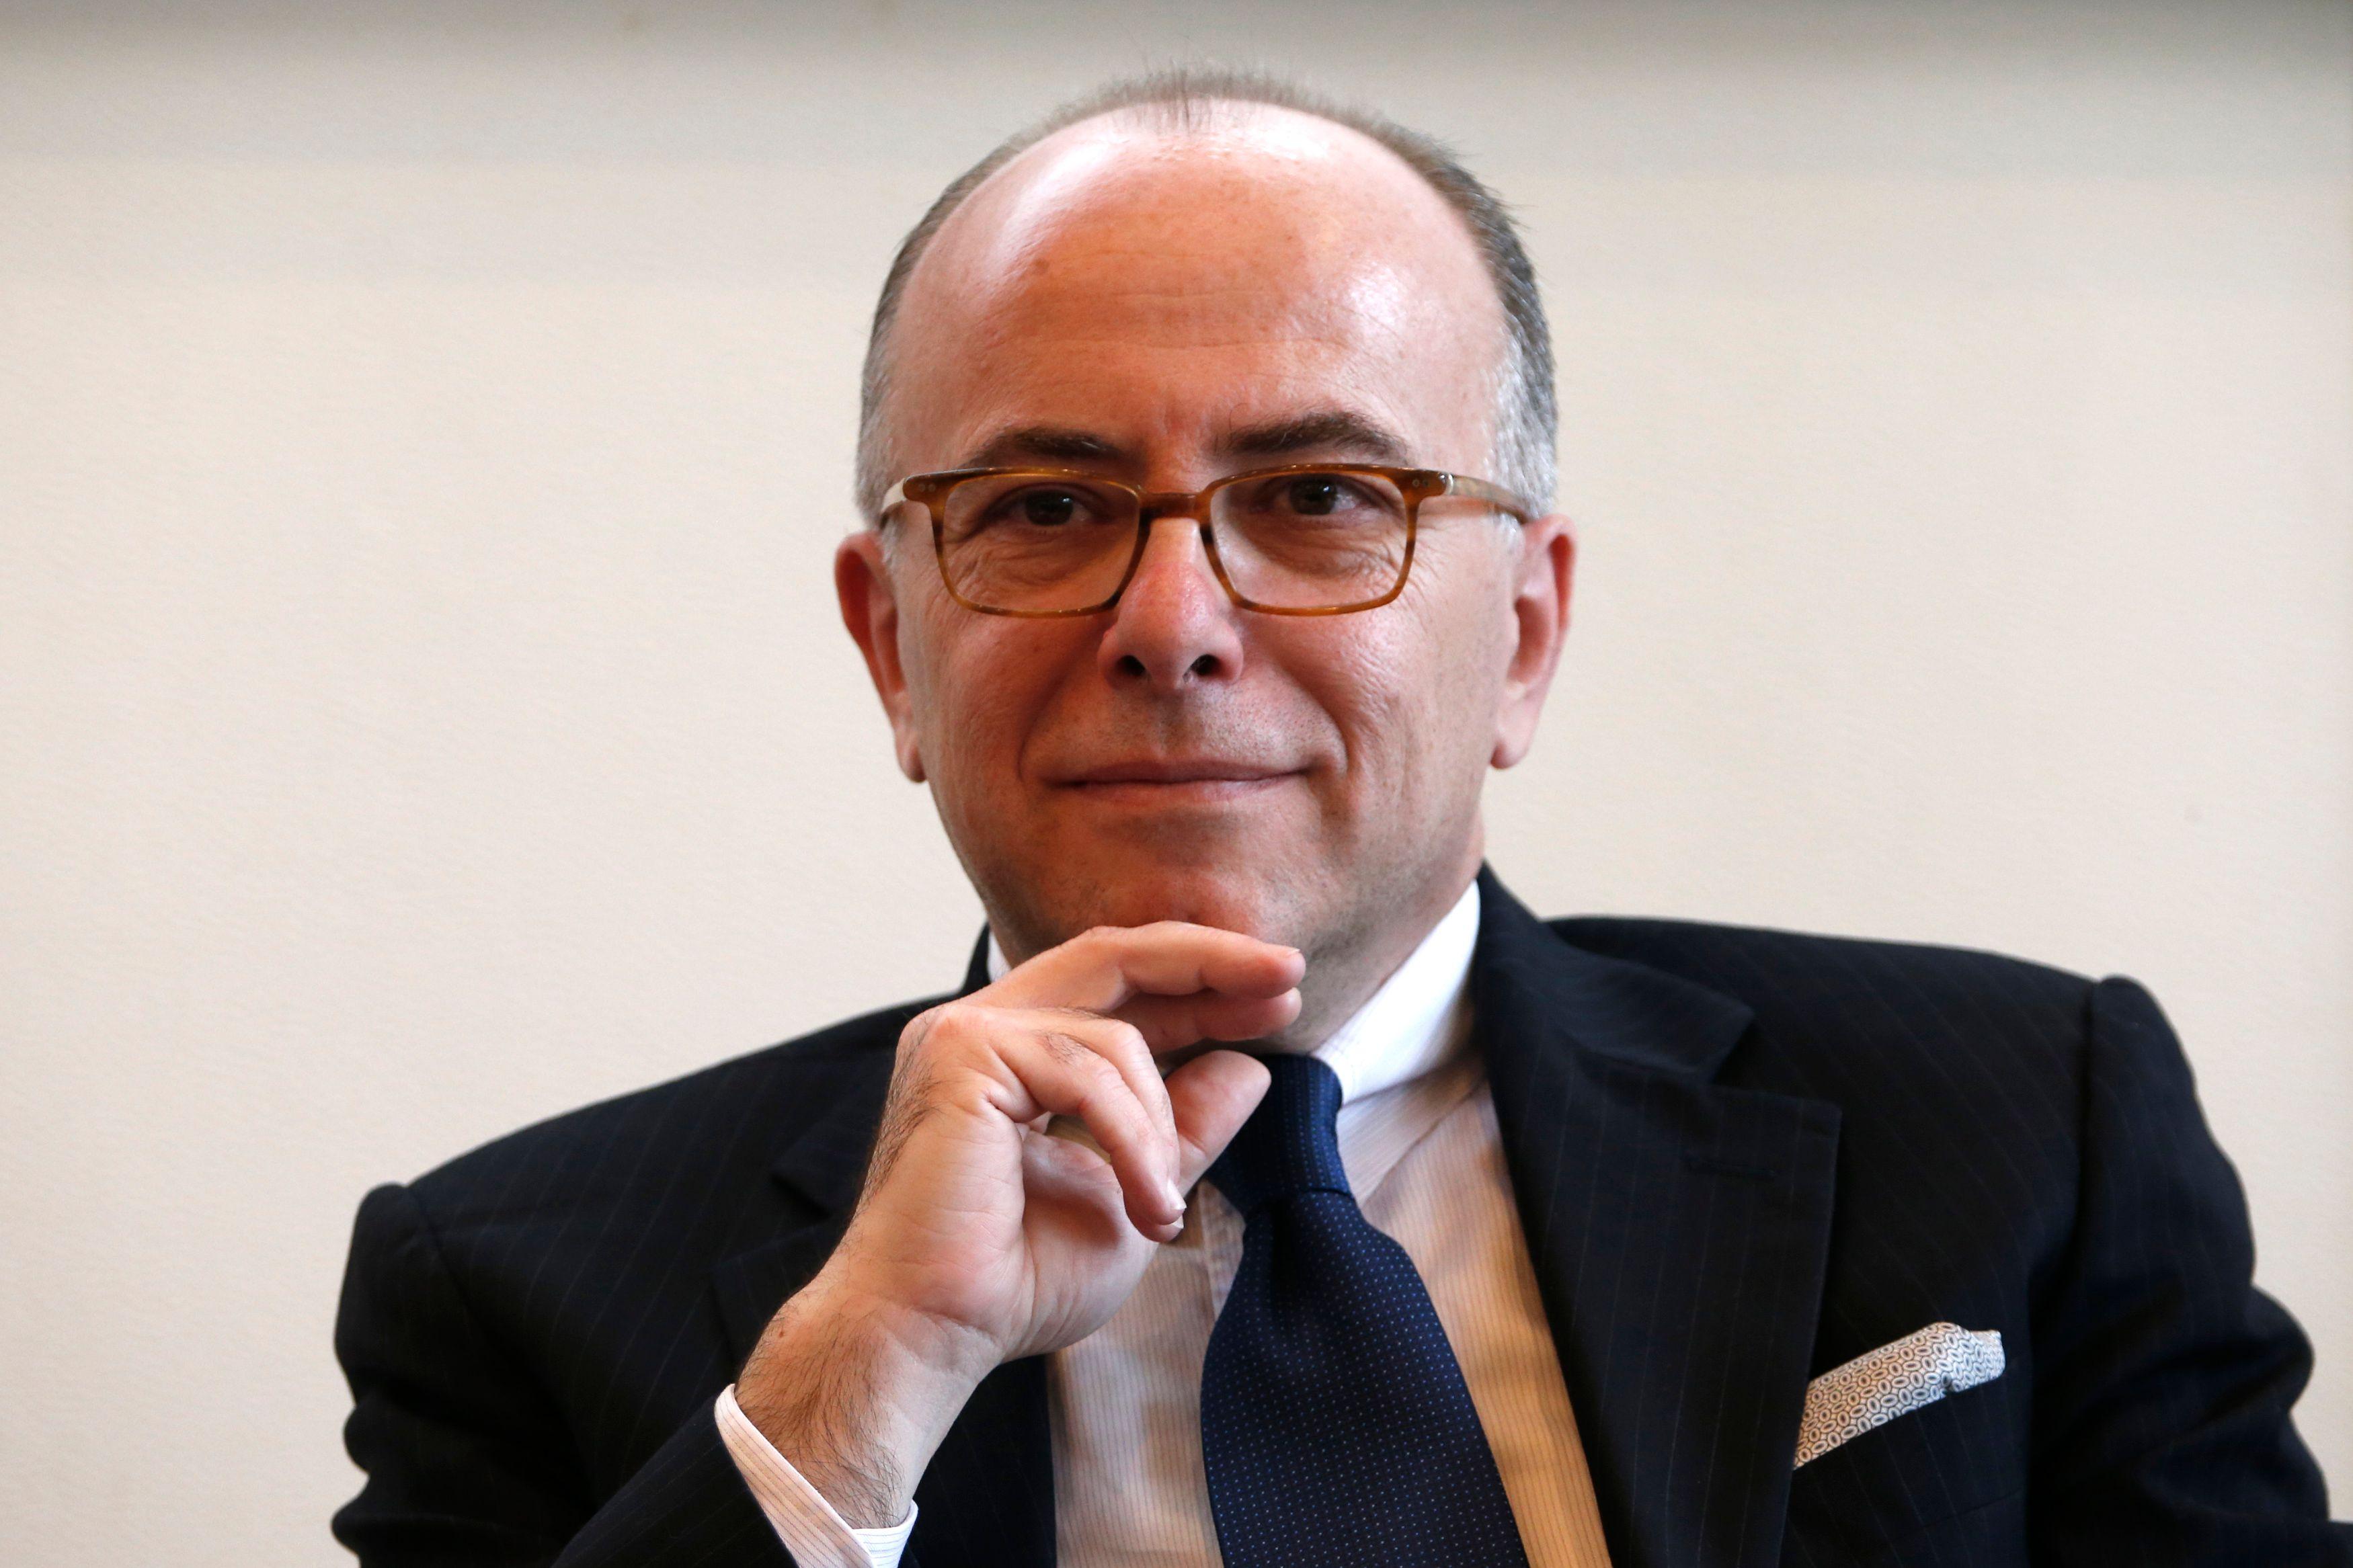 Contrôle fiscal : 10 milliards d'euros rapportés en 2013